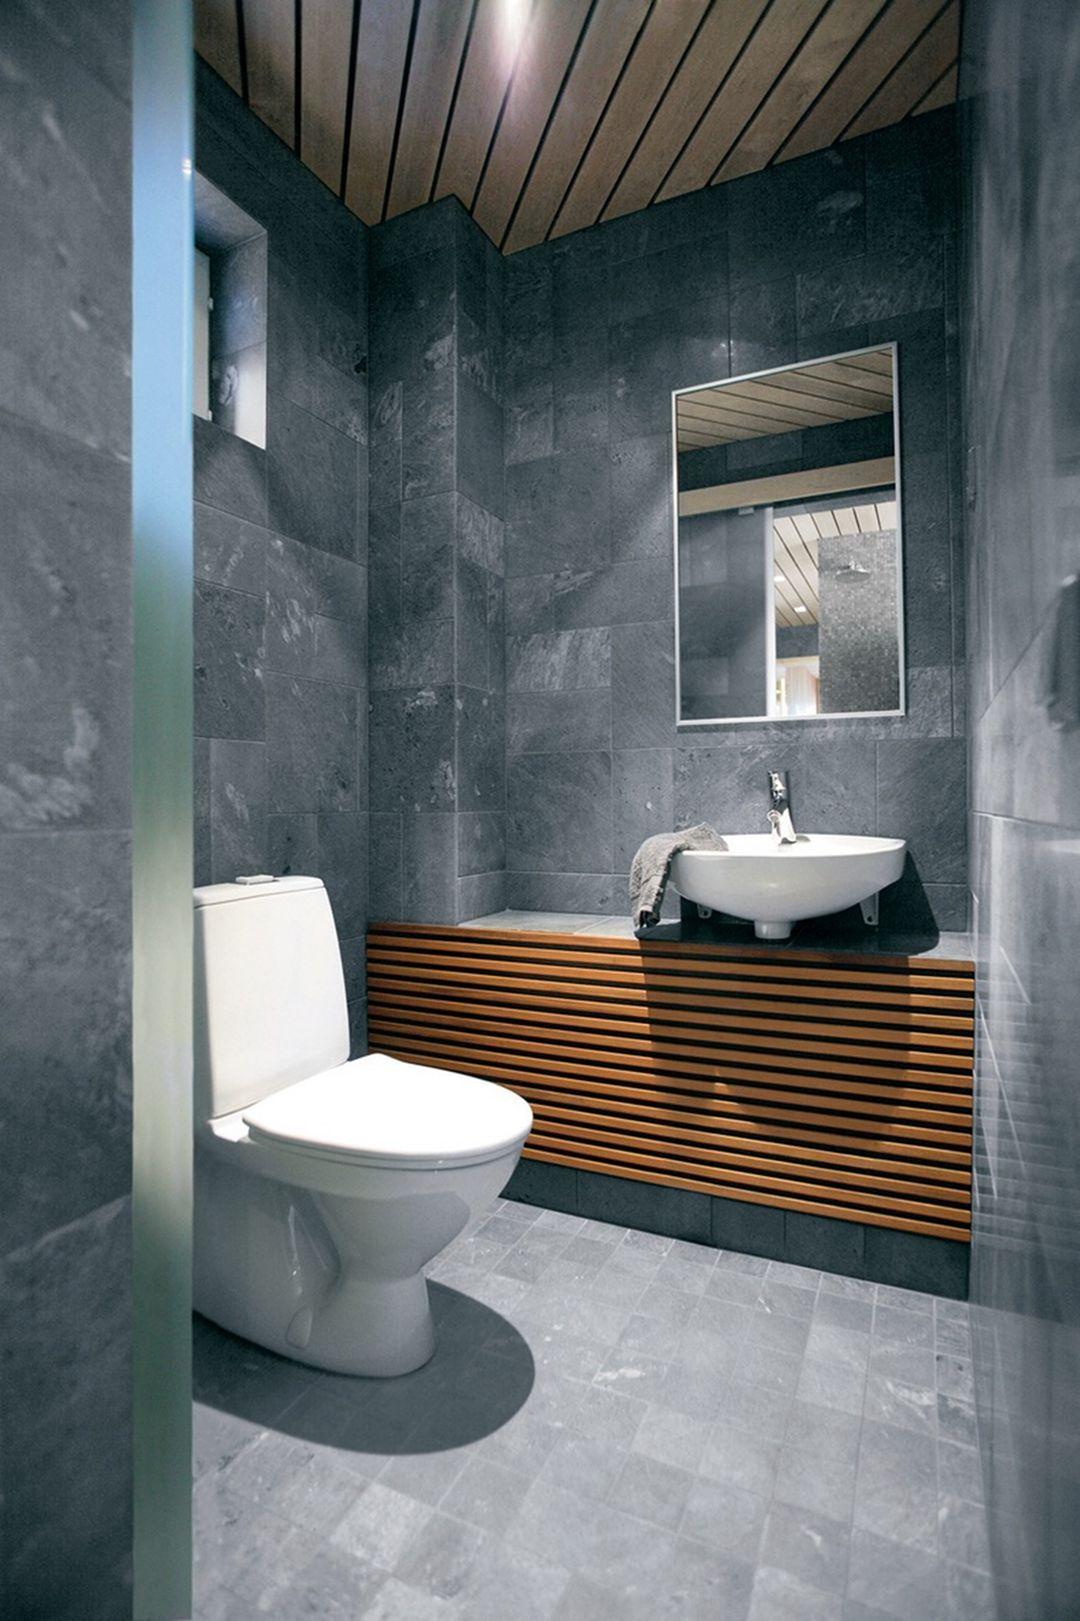 Modern Small Bathrooms 2019 Photos And Decoration Ideas 2019smallbathrooms Smallbathrooms Dushevye Komnaty Nebolshie Vannye Komnaty Dizajn Plitki V Vannoj